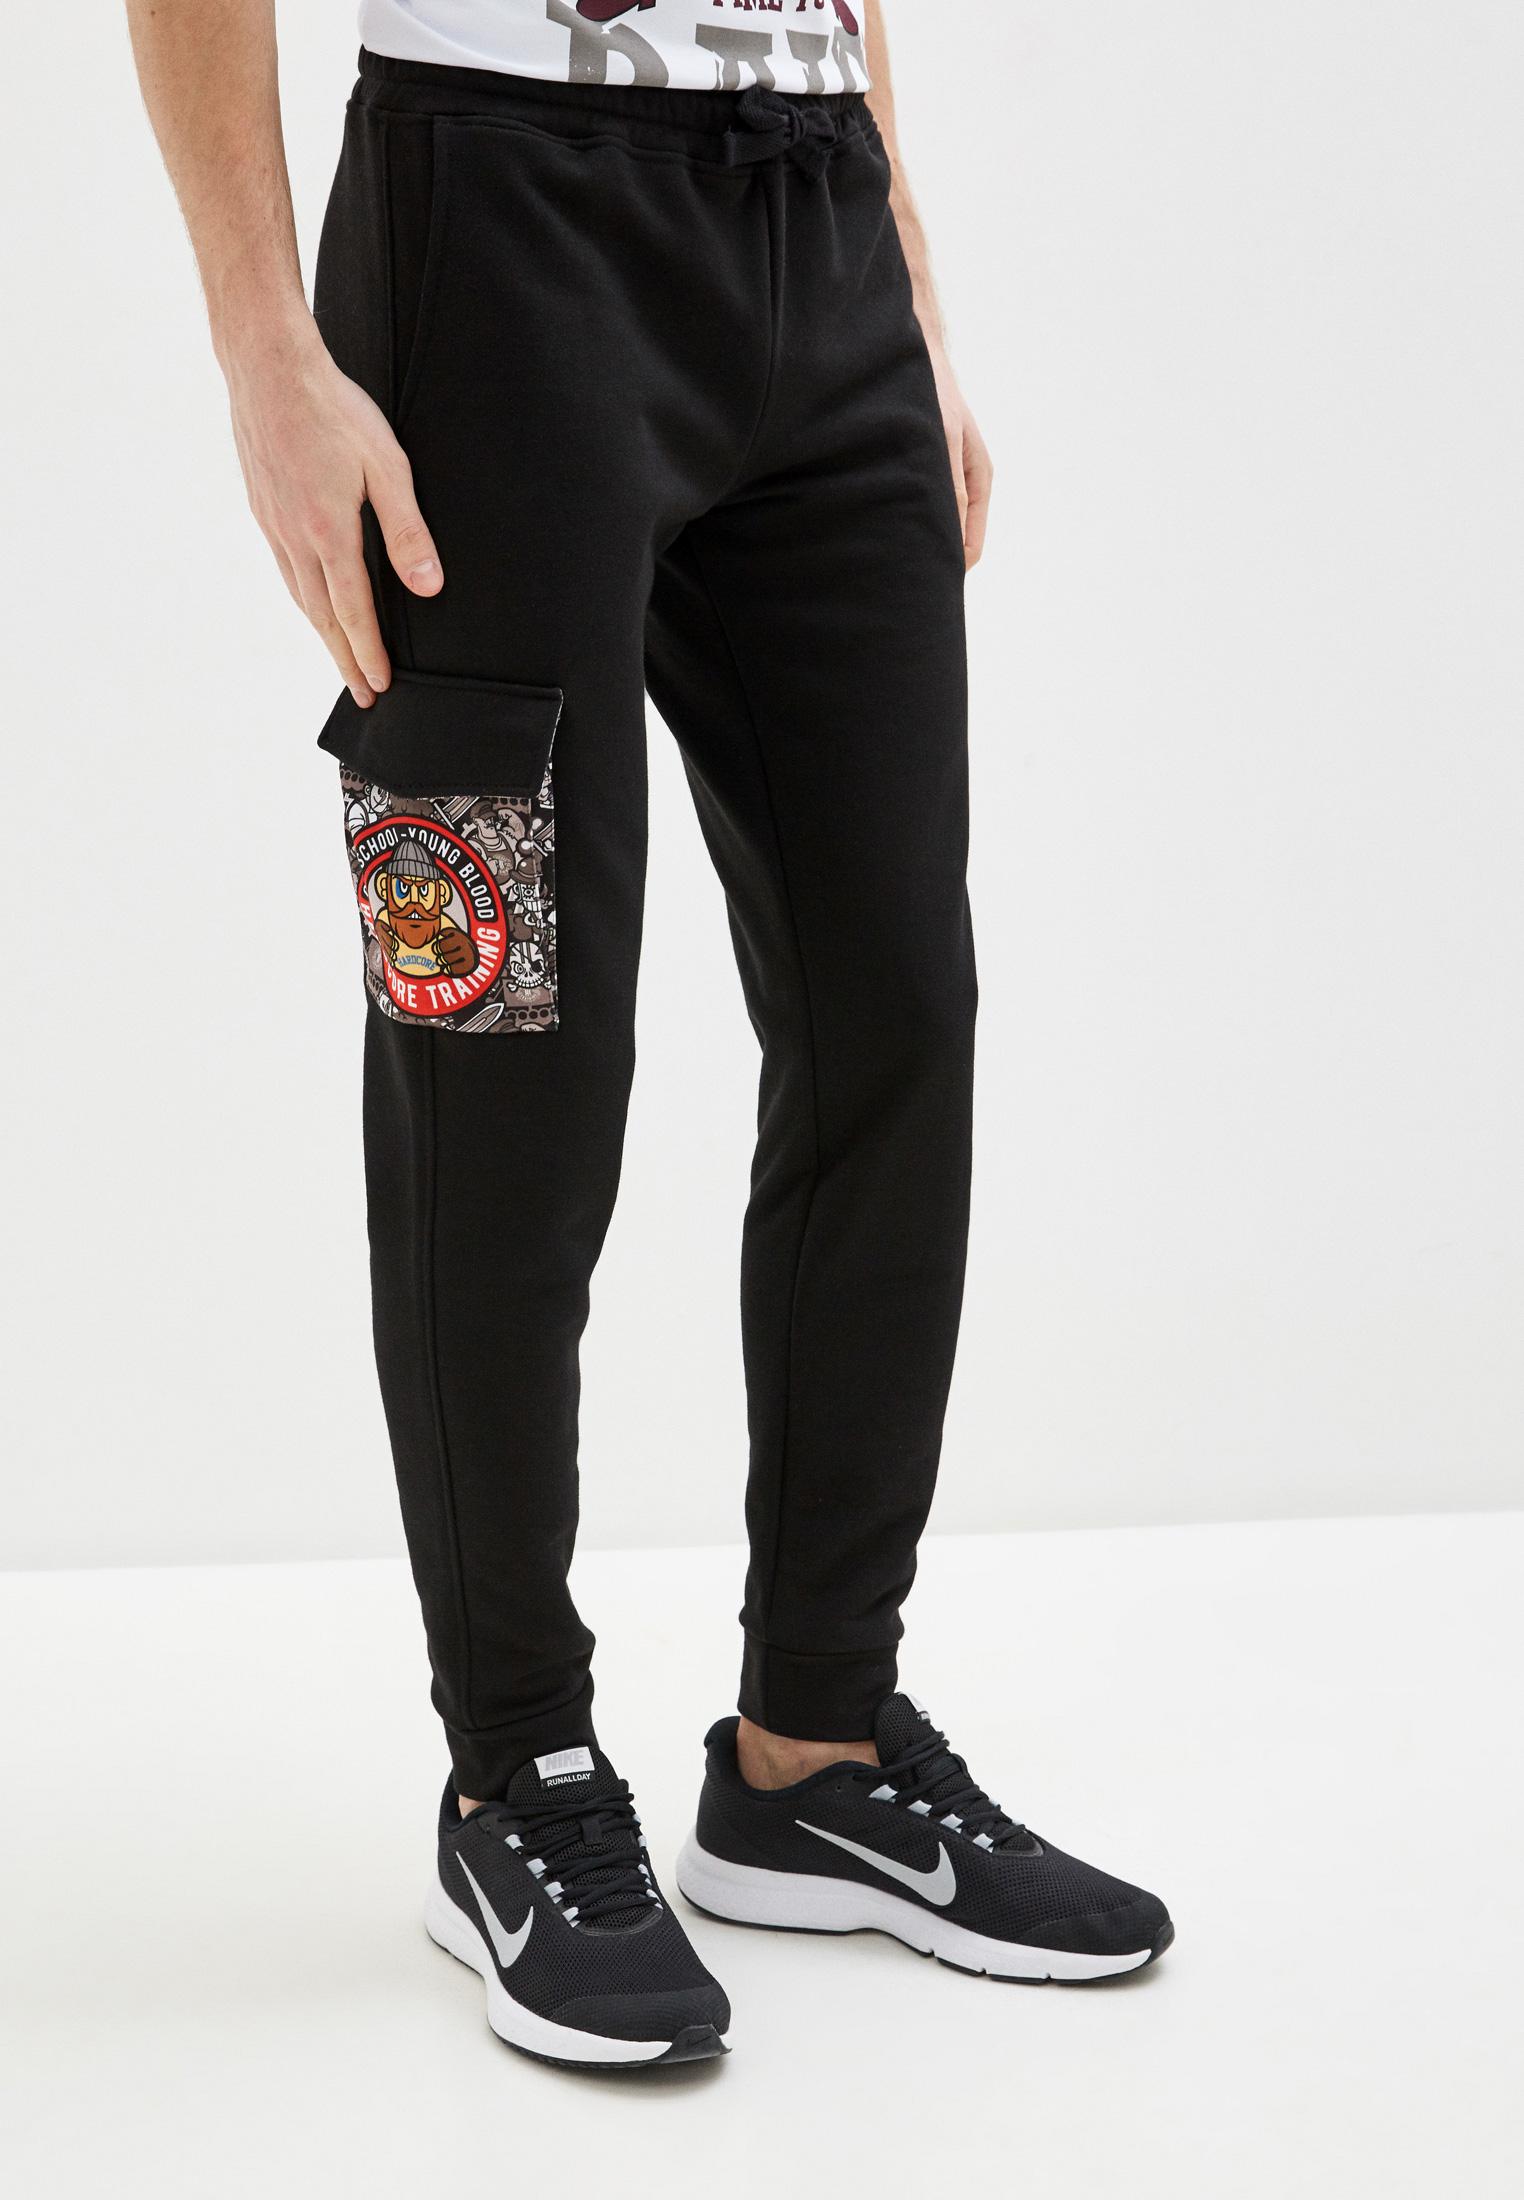 Мужские спортивные брюки Hardcore Training hctpan056